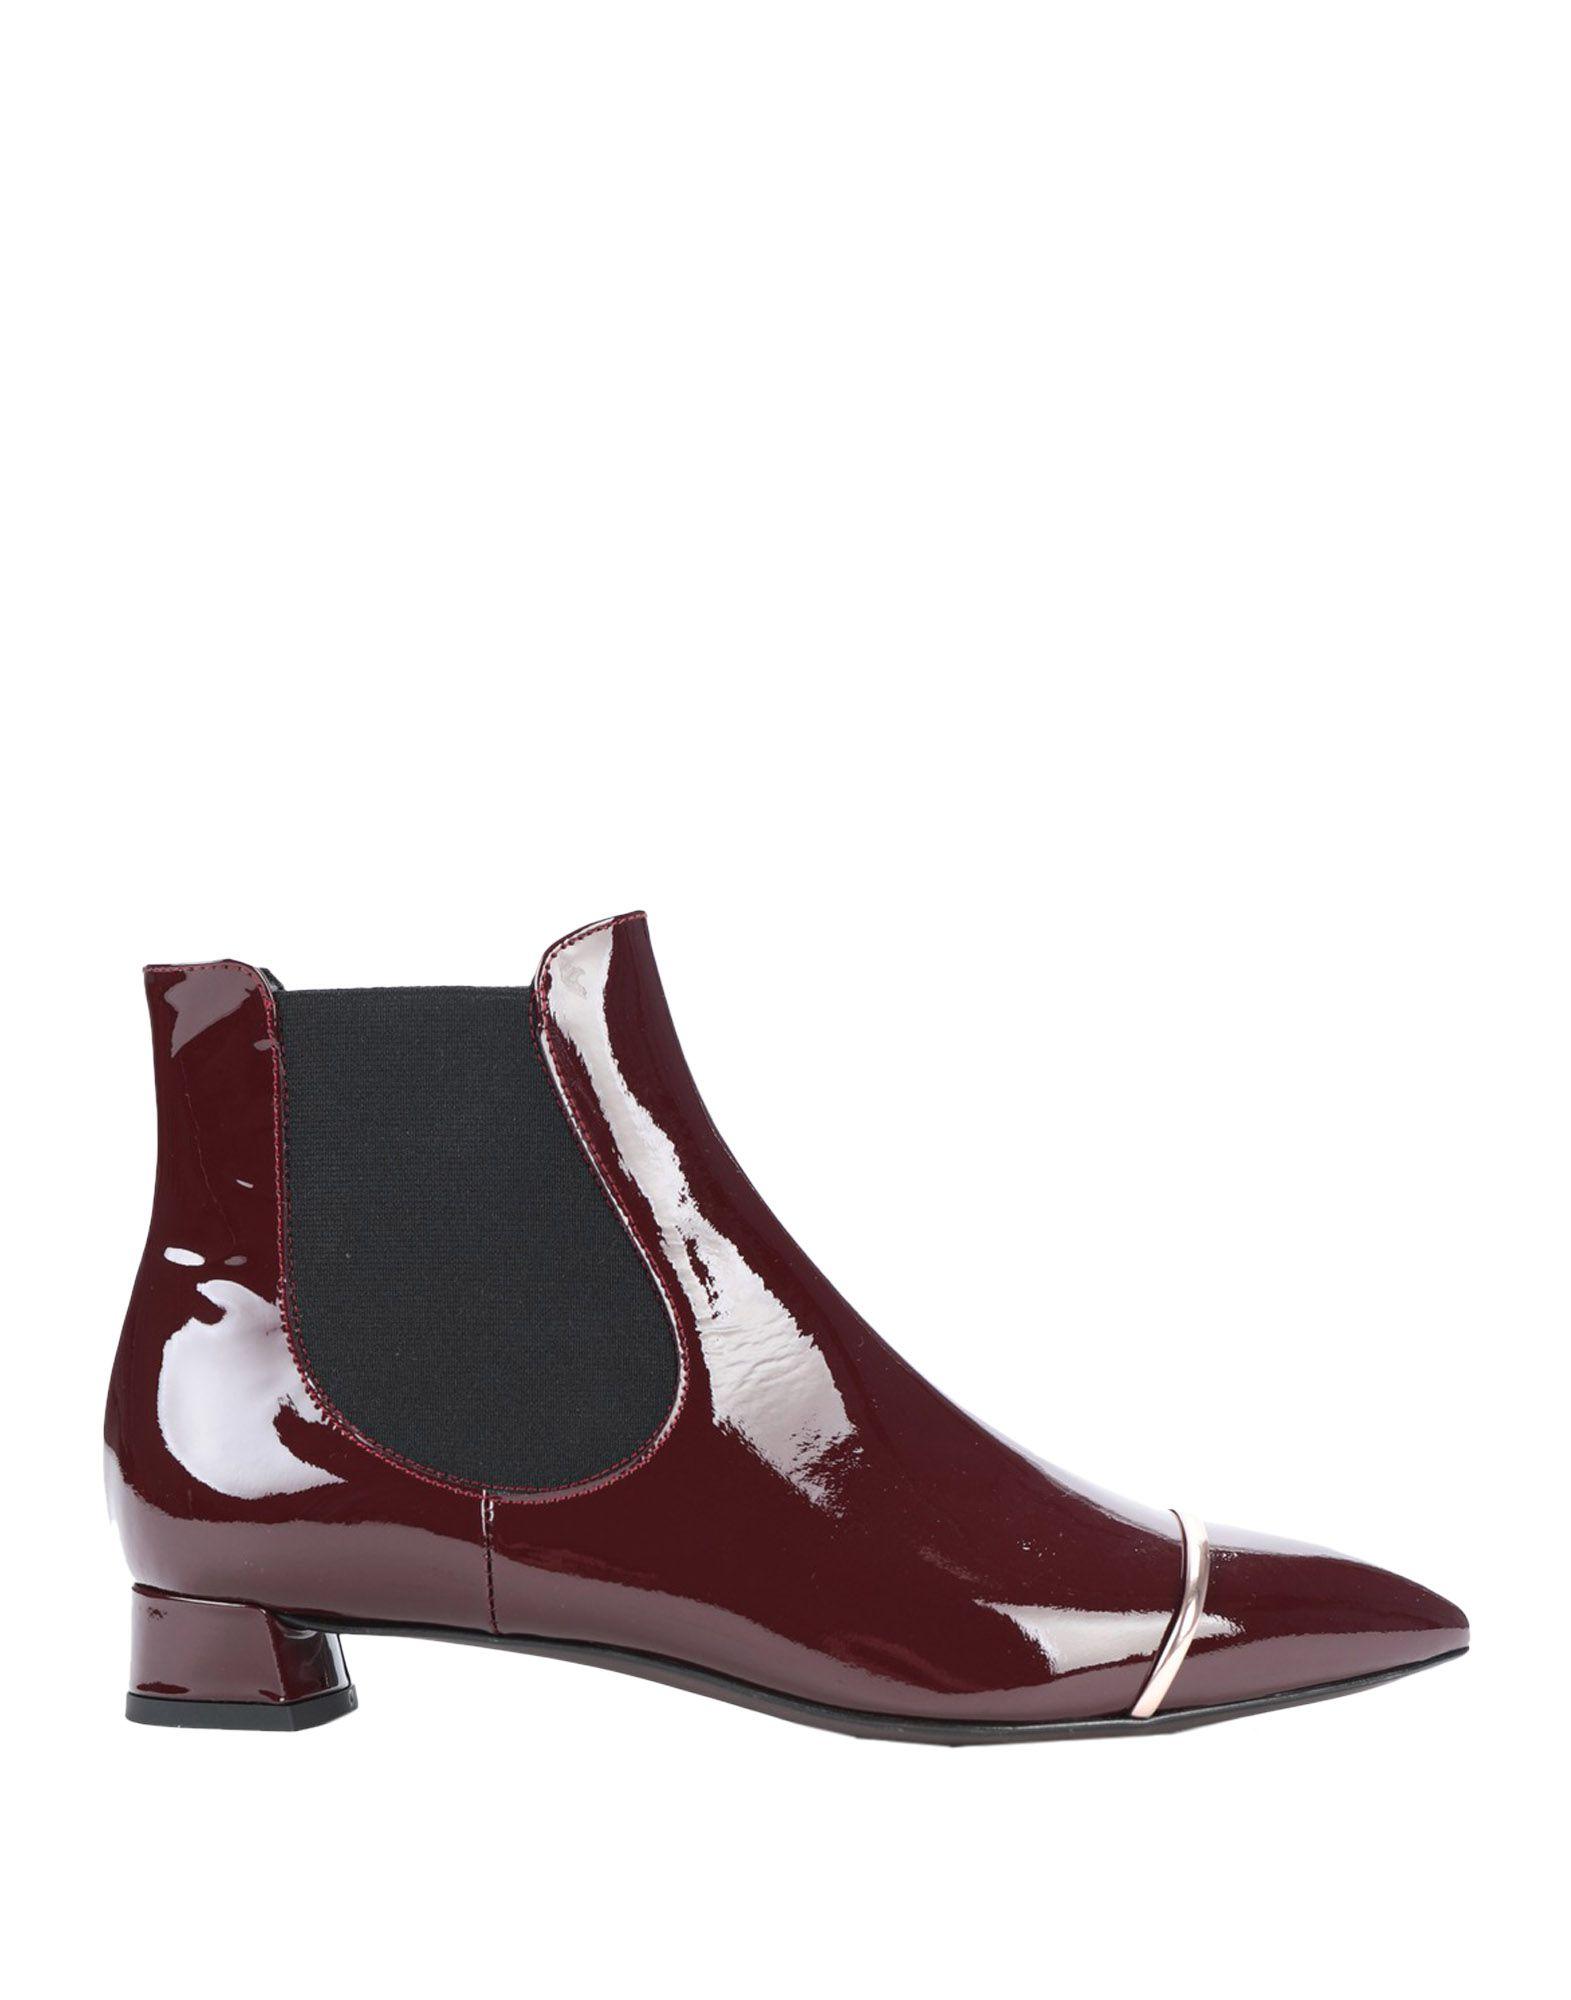 Rabatt Schuhe Agl Attilio Giusti 11555209BG Leombruni Stiefelette Damen  11555209BG Giusti 28cd8e